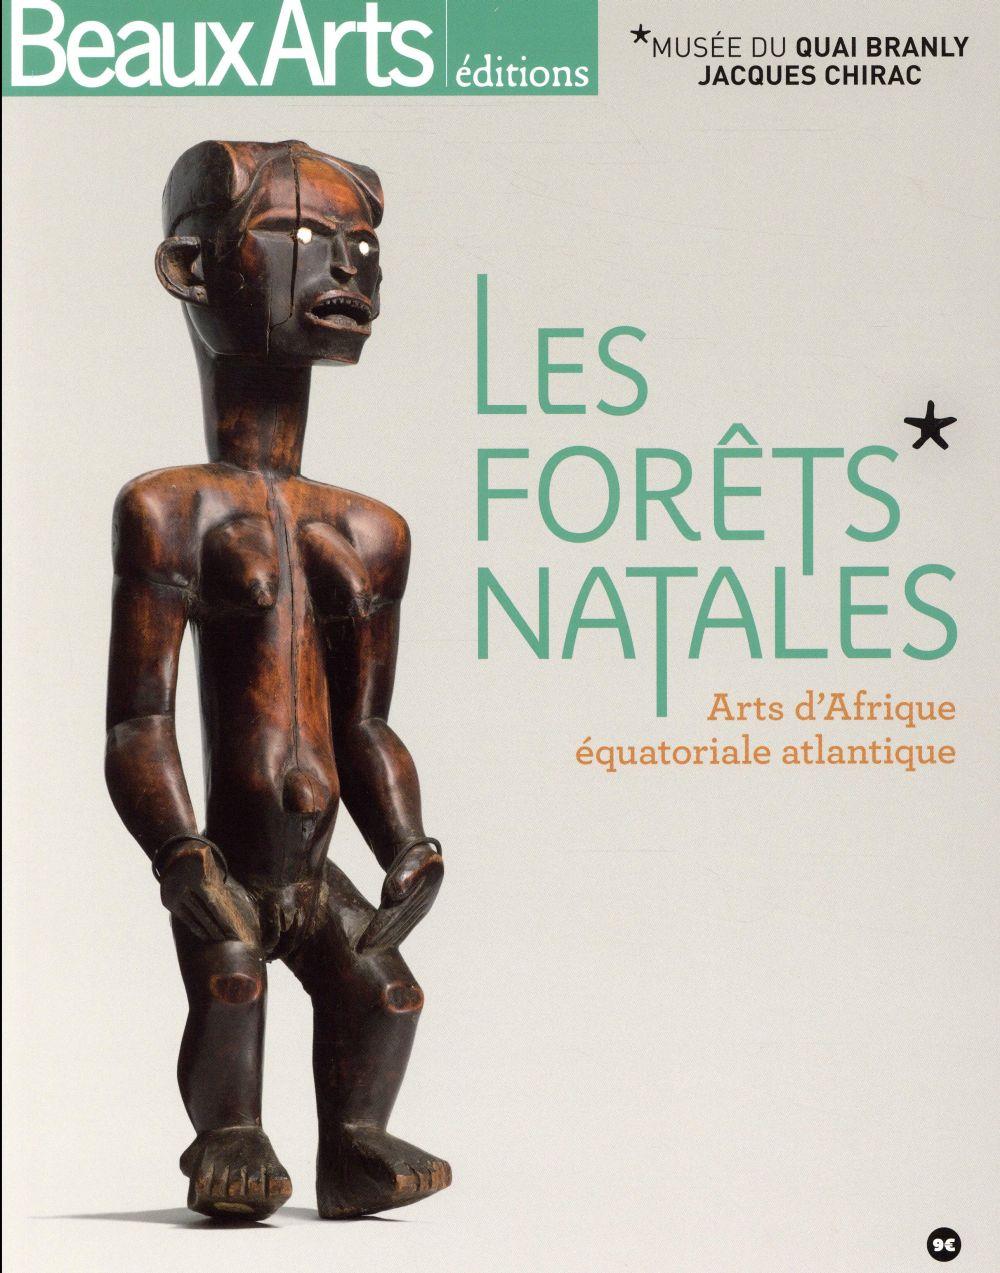 LES FORETS NATALES. ARTS D'AFRIQUE EQUATORIALE ATLANTIQUE